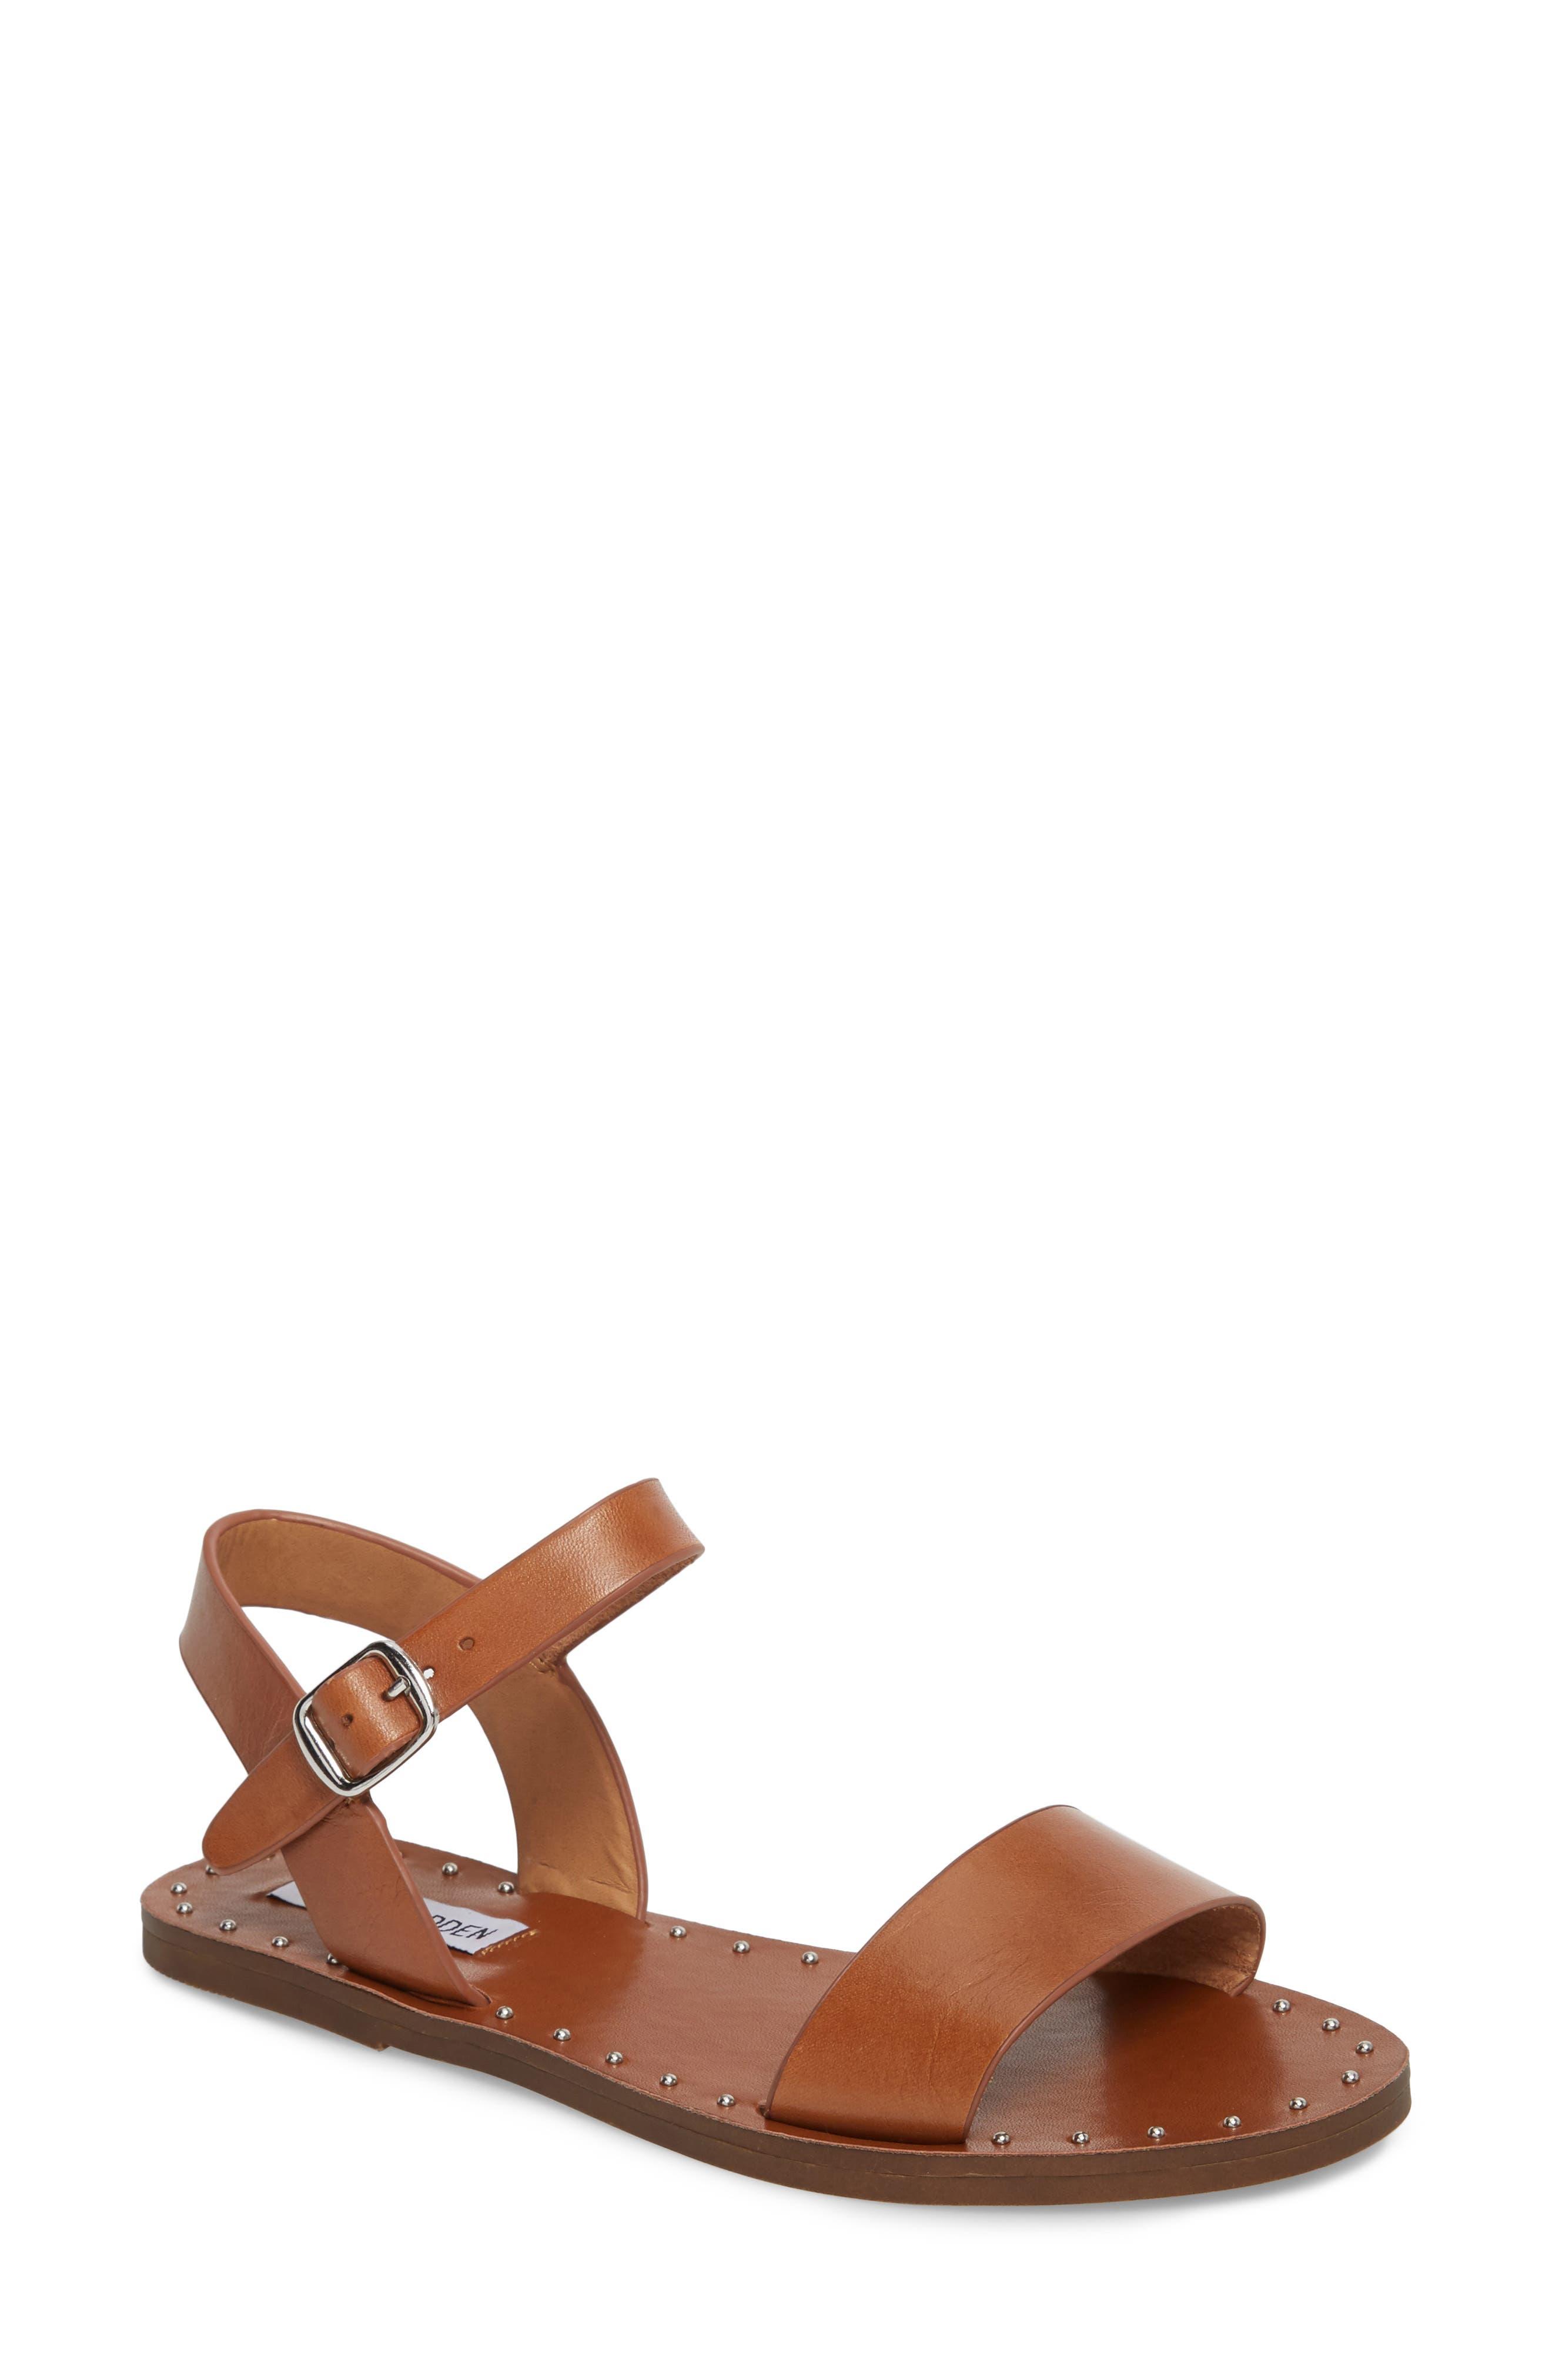 Dupe Sandal,                             Main thumbnail 1, color,                             Cognac Leather